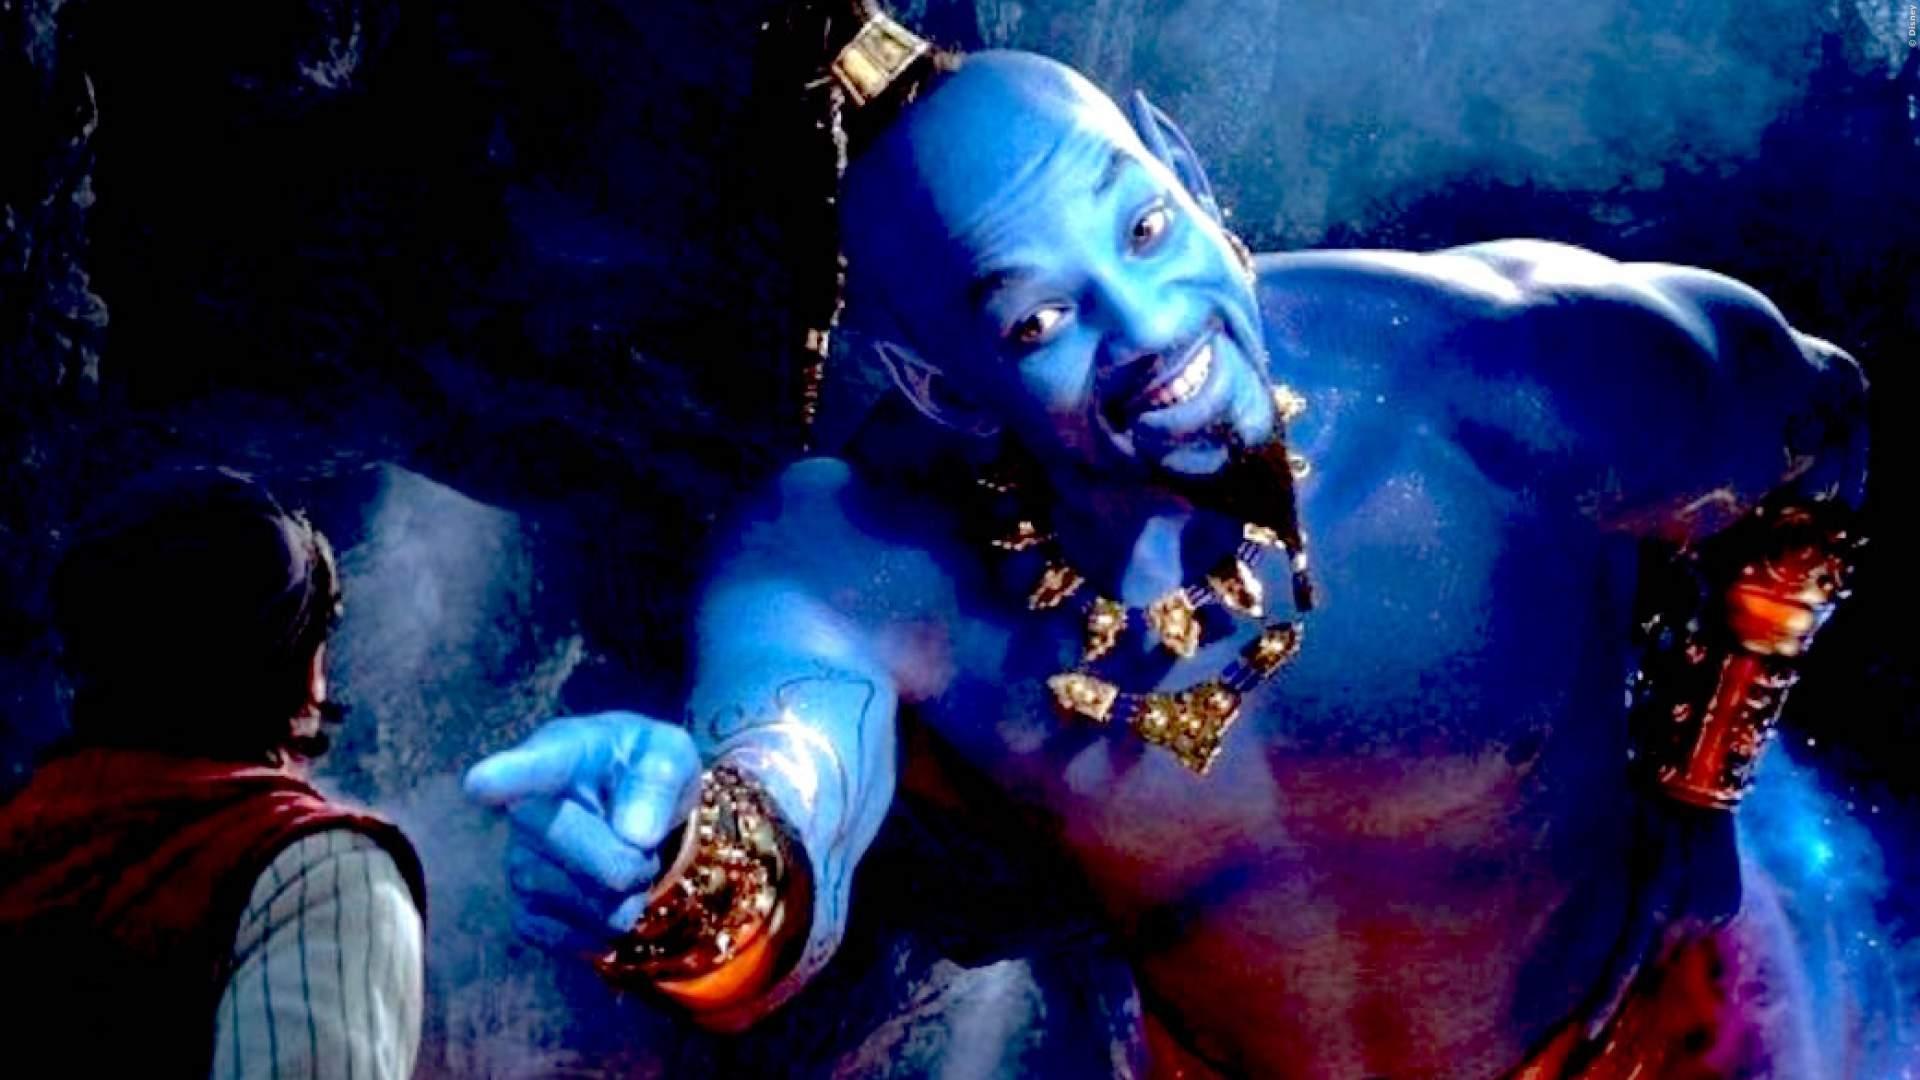 FSK: Offizielle Altersfreigabe zum neuen Disney-Film 'Aladdin' enttäuscht Eltern